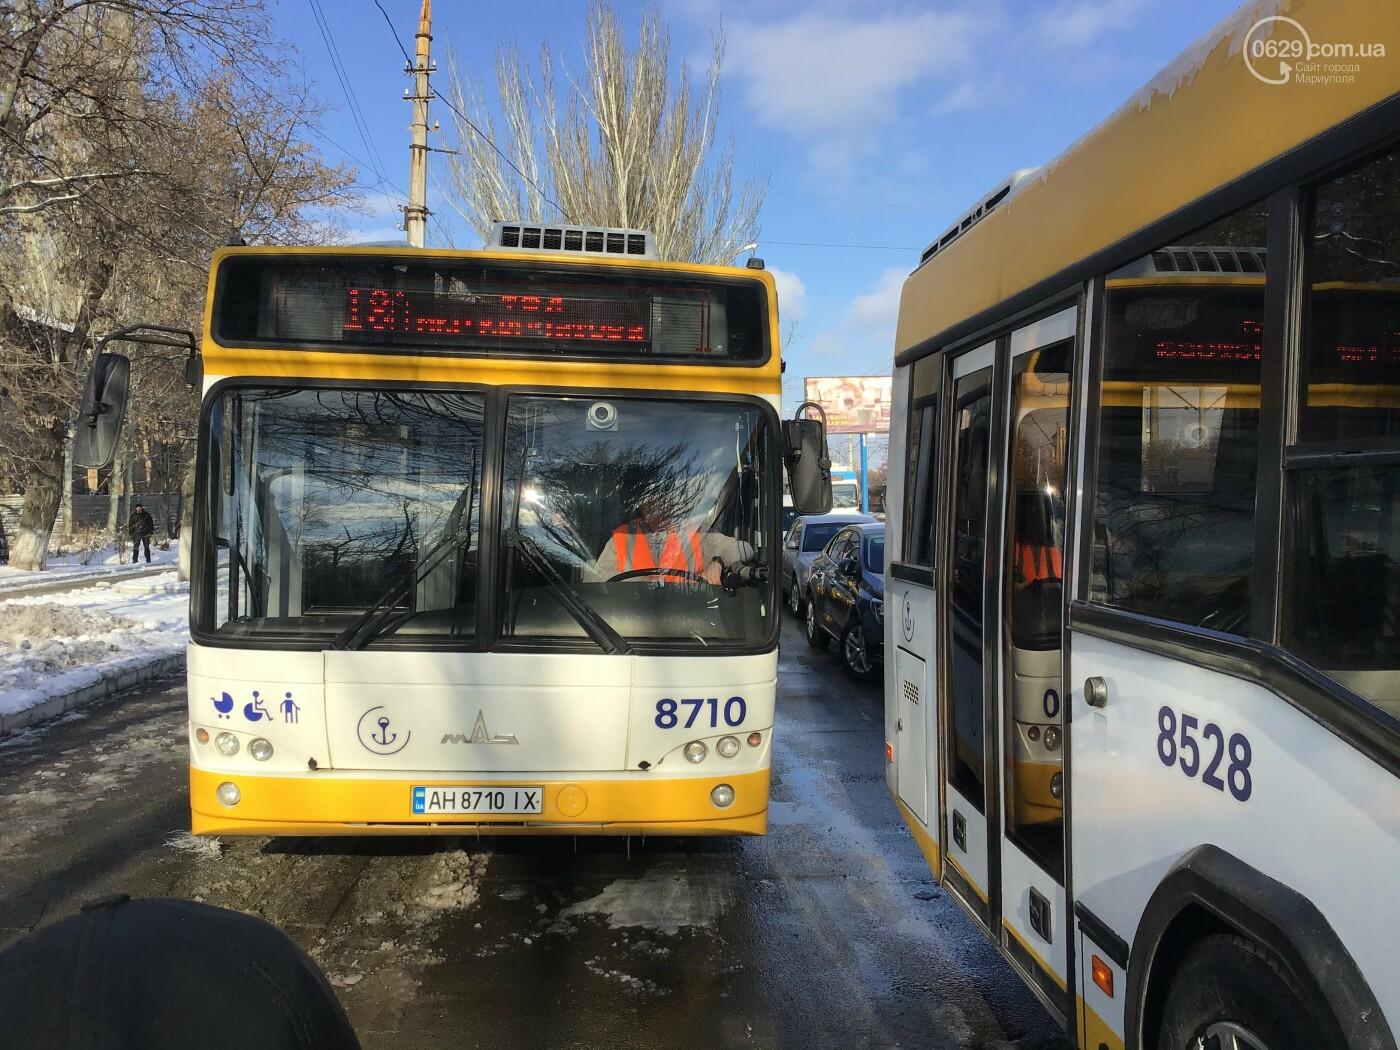 В Мариуполе запустили новый автобусный маршрут, соединивший 3 района, - ФОТО, ВИДЕО, фото-2